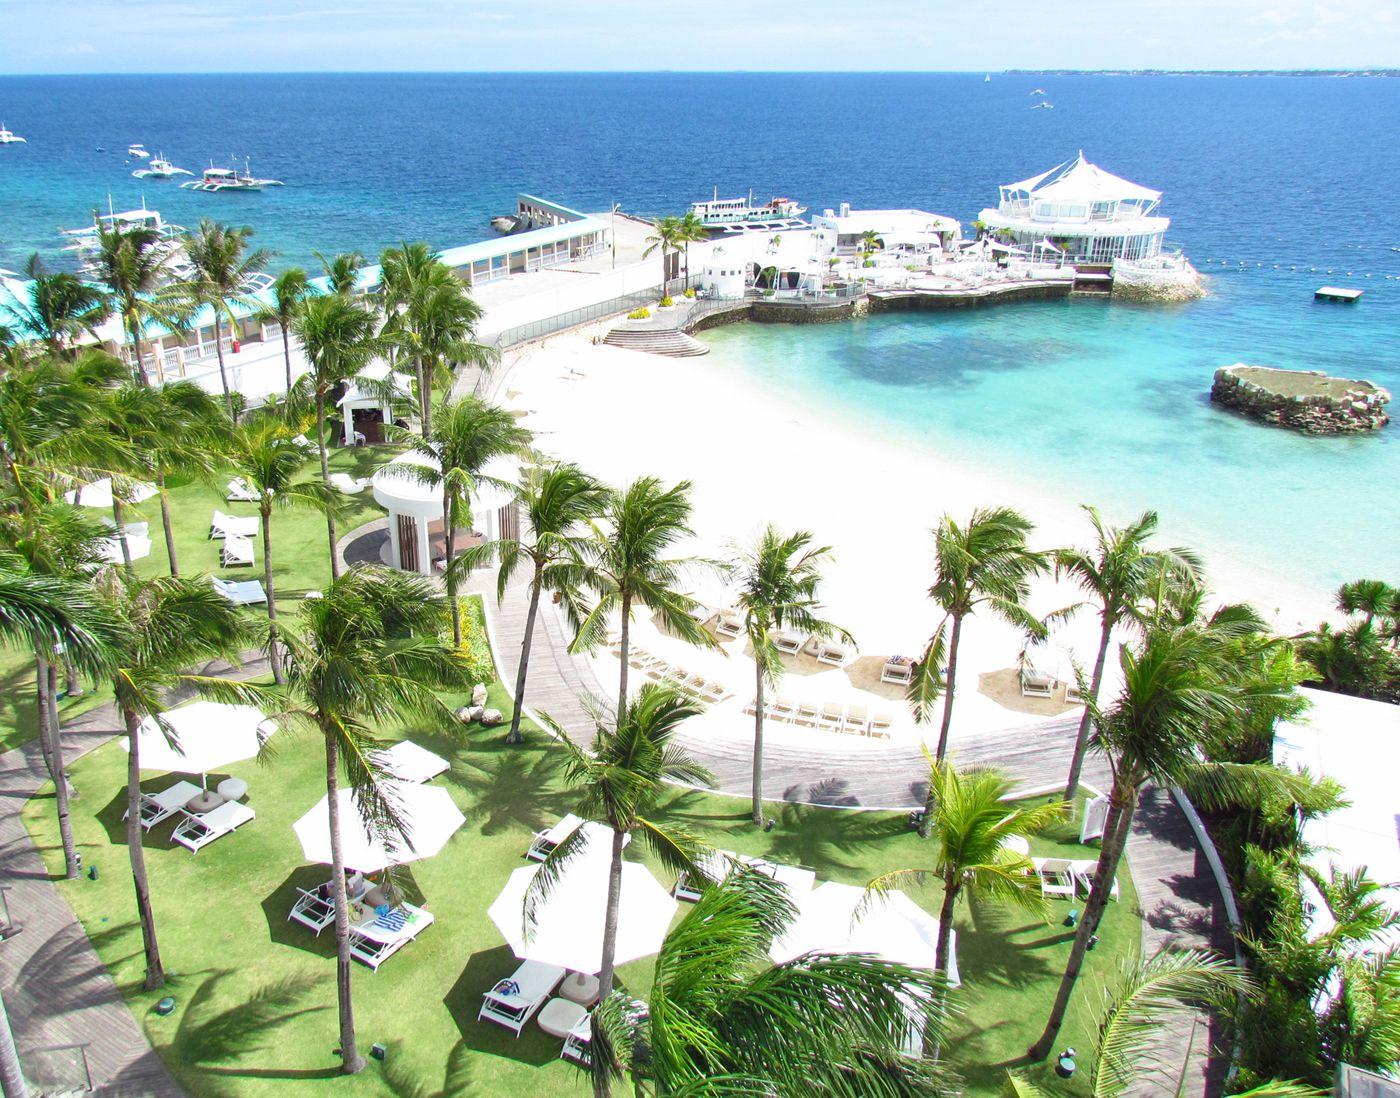 地上の楽園フィリピン セブ島のおすすめビーチリゾート厳選10選 セブ, セブ 旅行